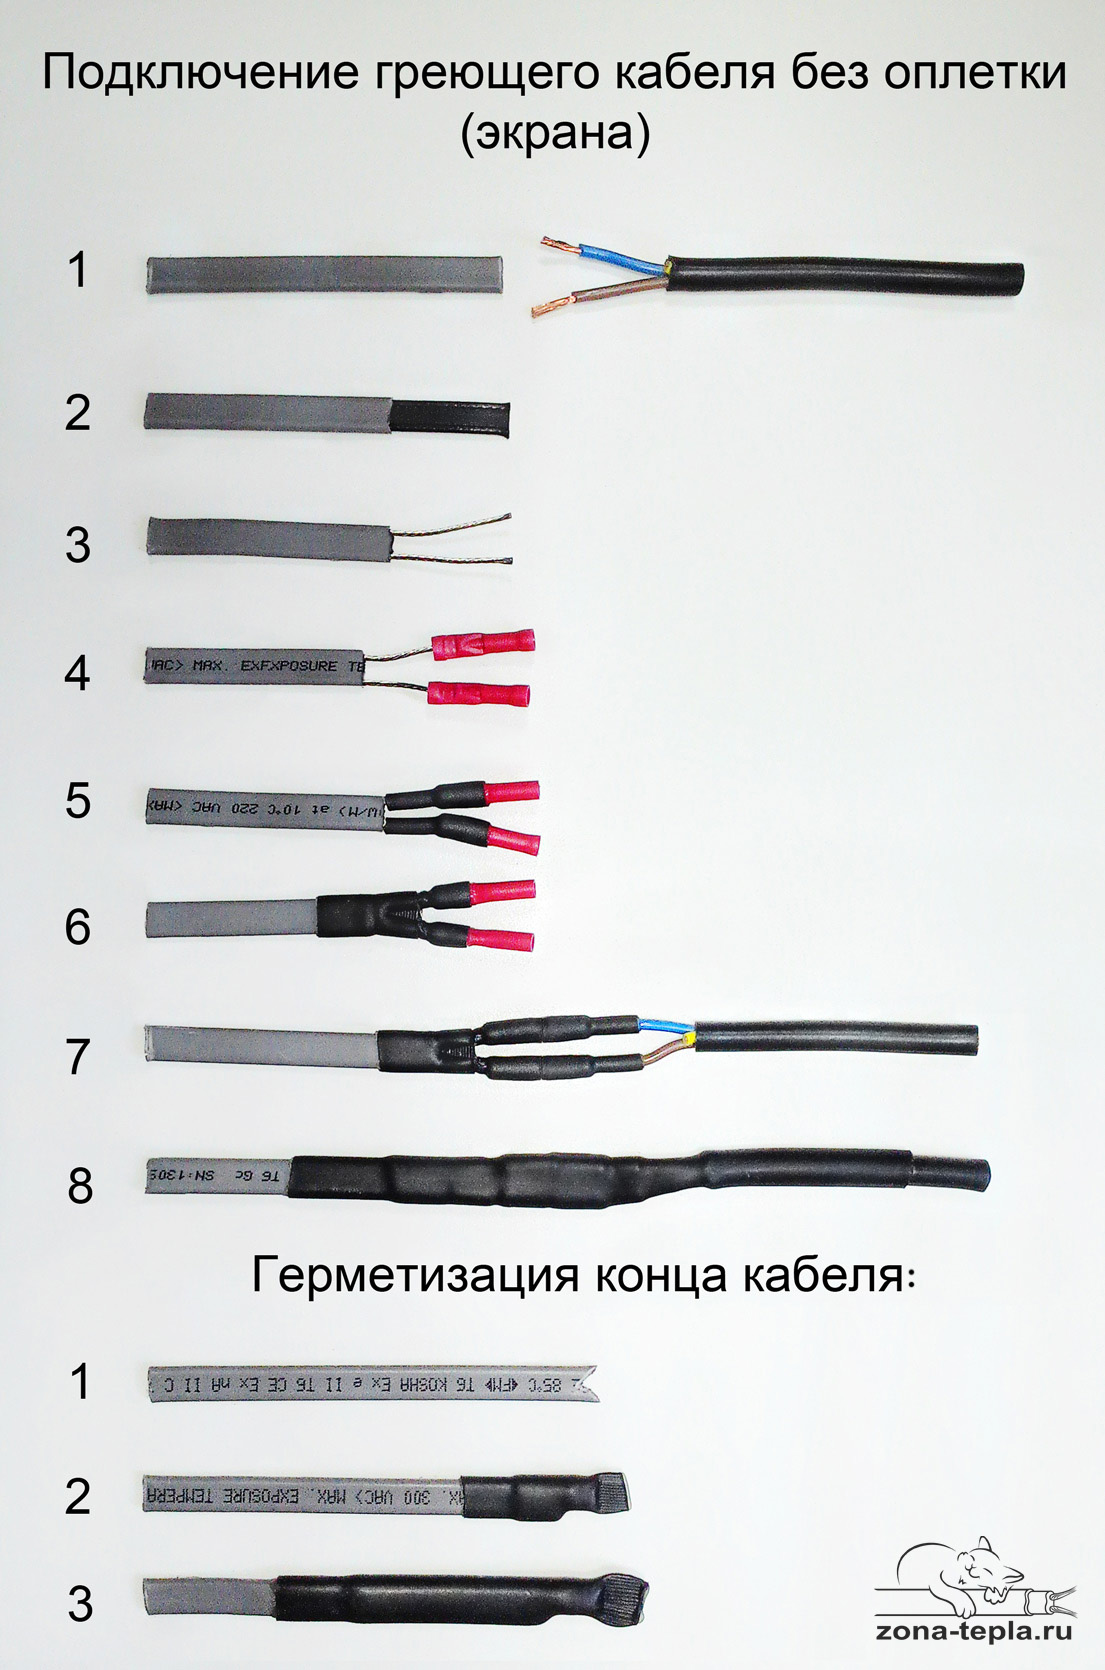 Как подключить греющий кабель без оплетки-схема